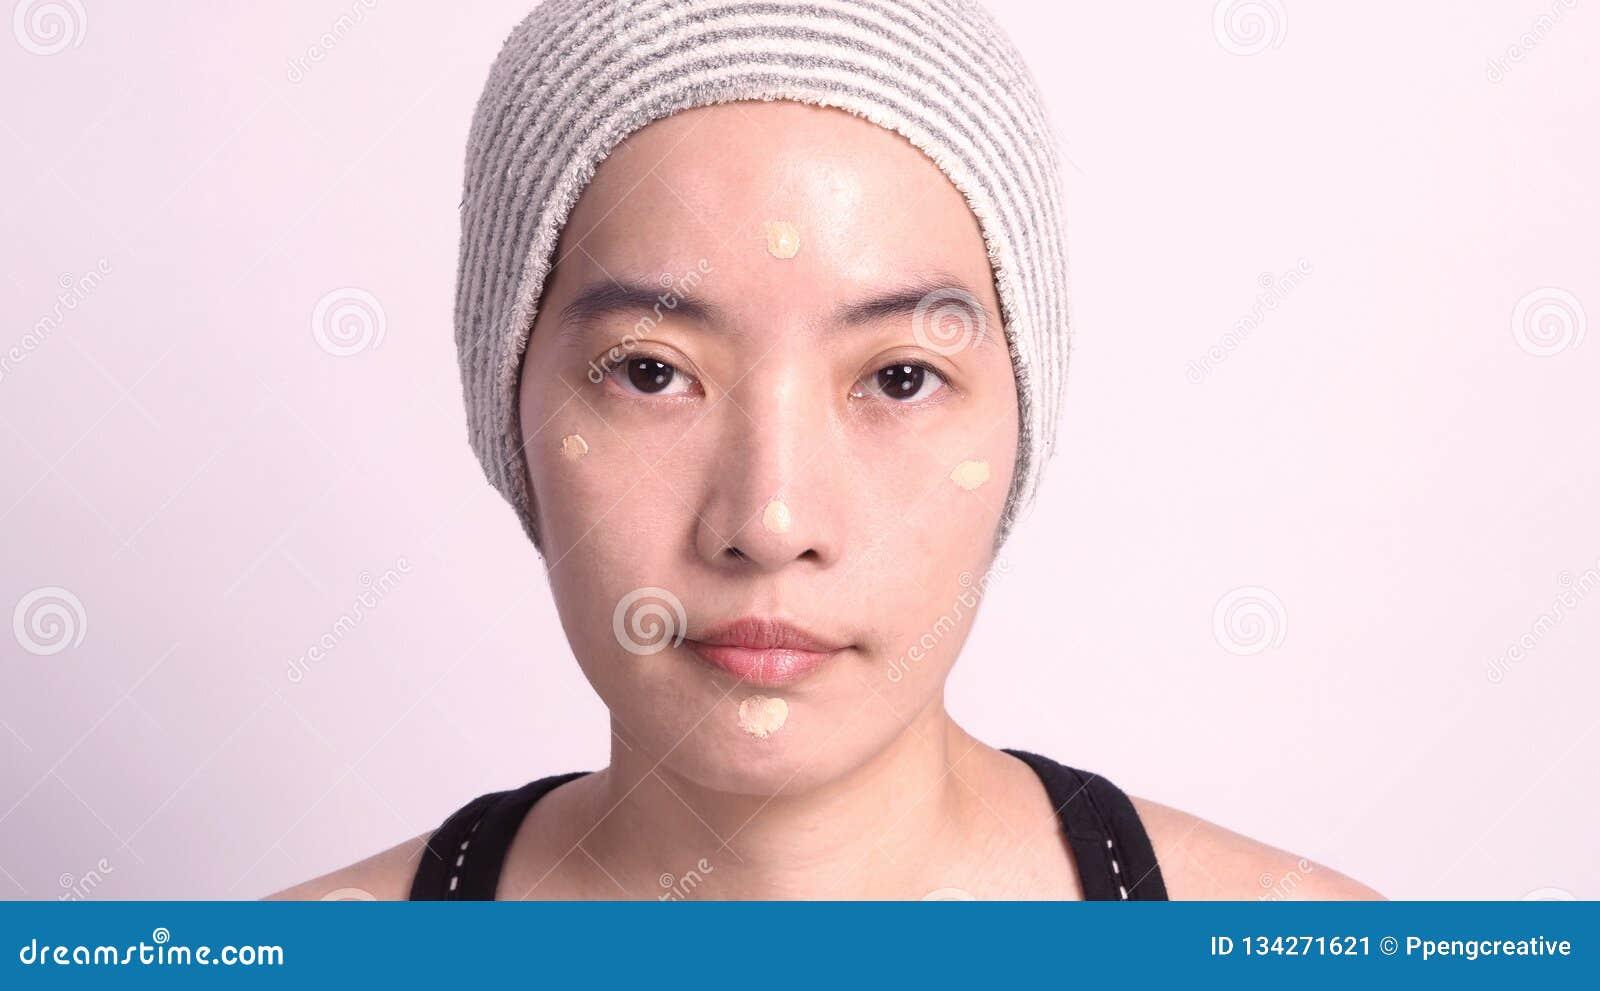 No asian facial